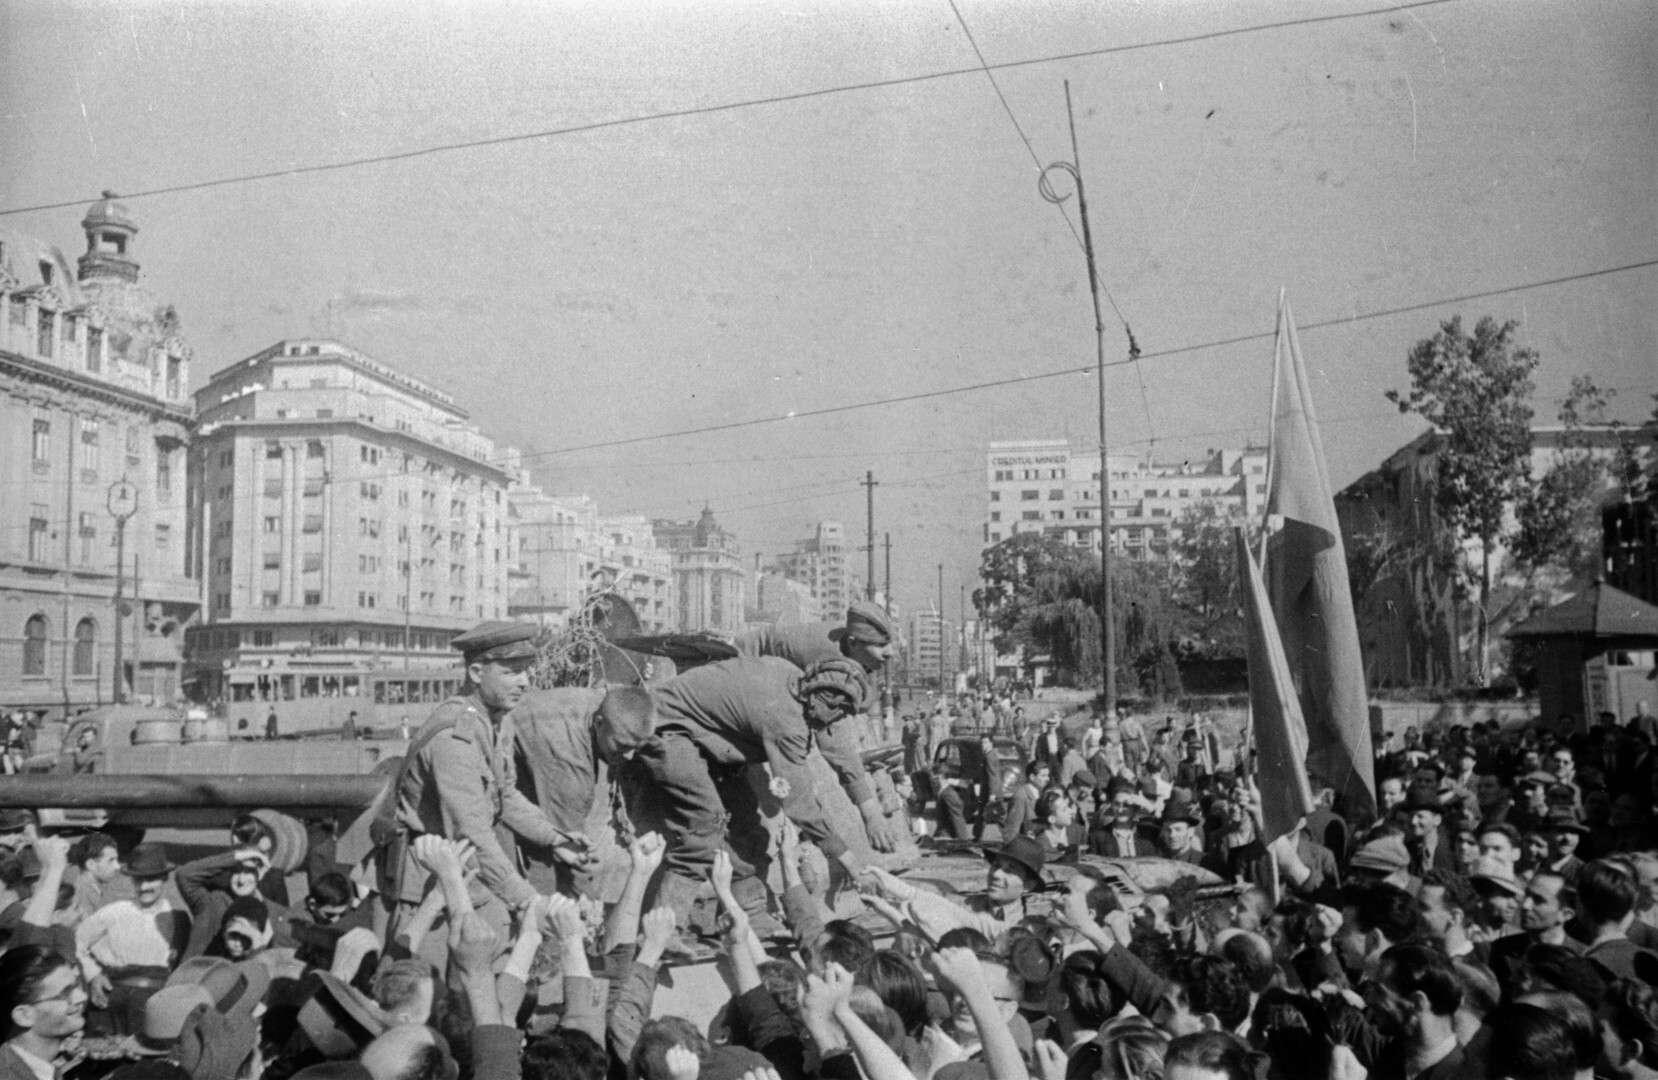 Неизвестный автор.    Жители г. Бухареста приветствуют советских танкистов в День Победы   Румыния, Бухарест, 9 мая 1945